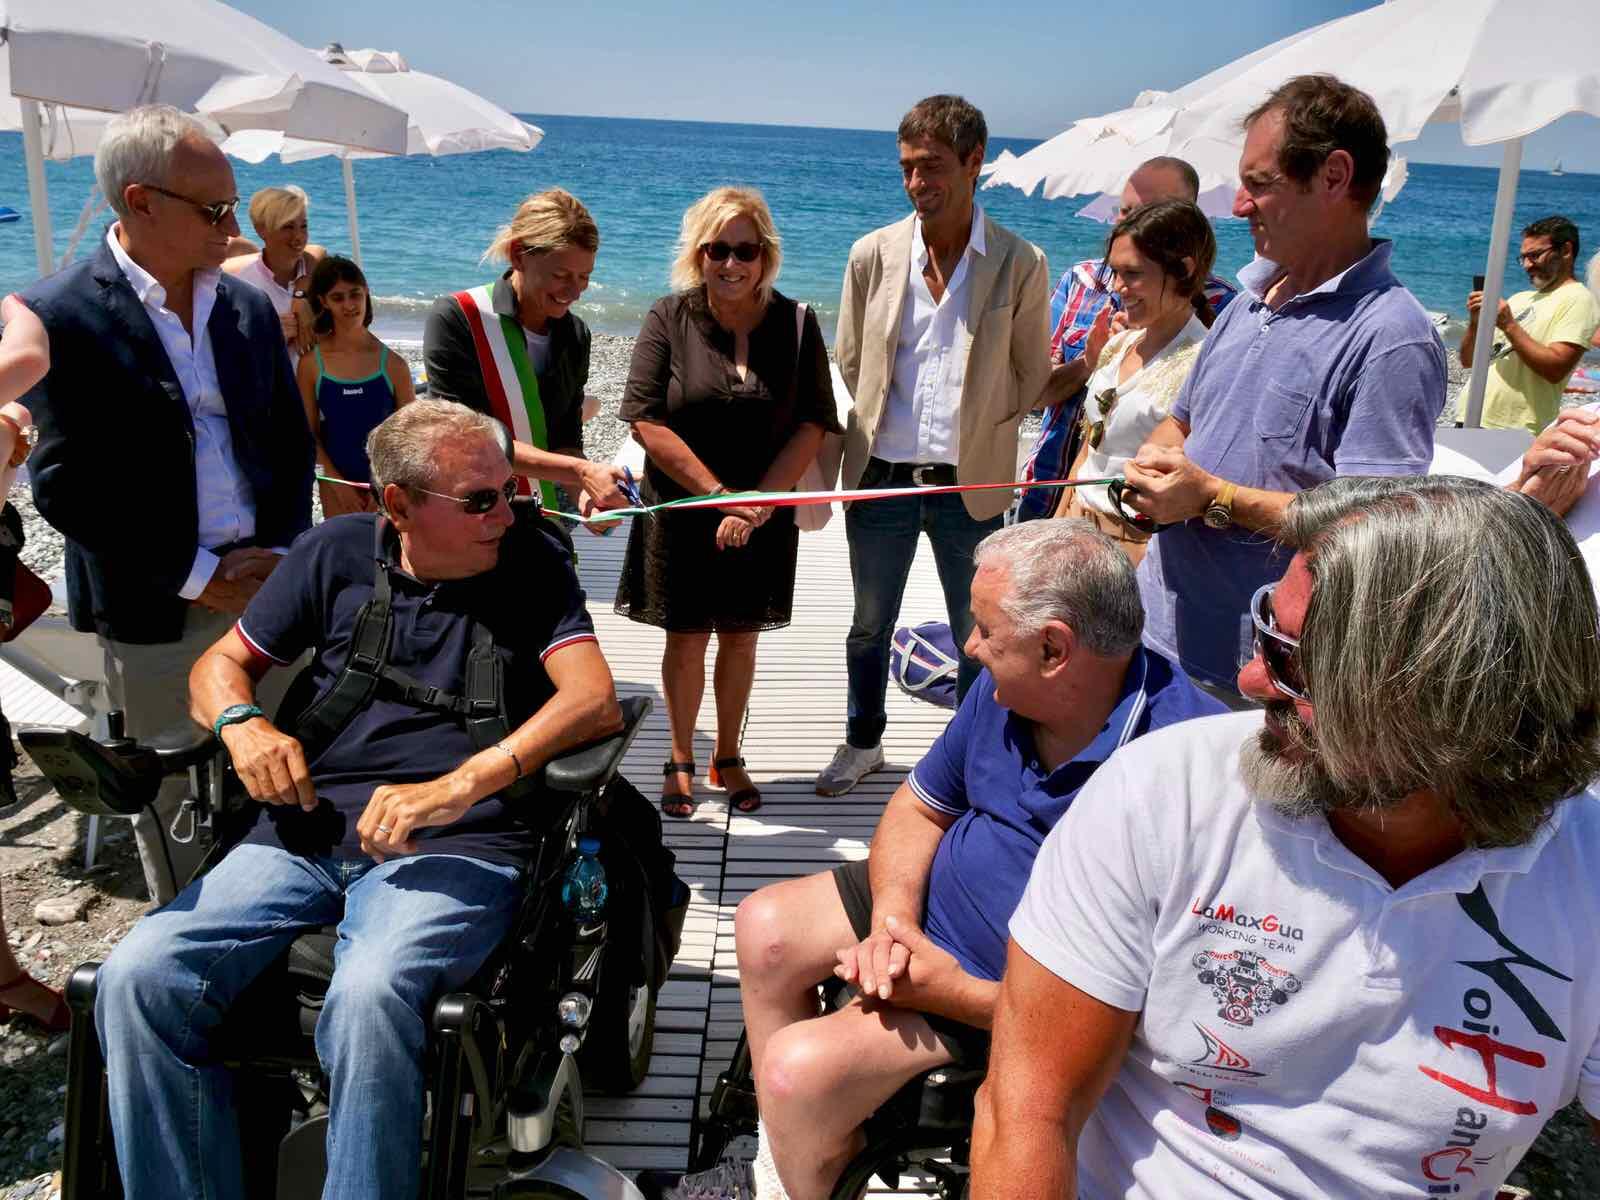 Inaugurata a Lavagna la spiaggia accessibile alle persone disabili